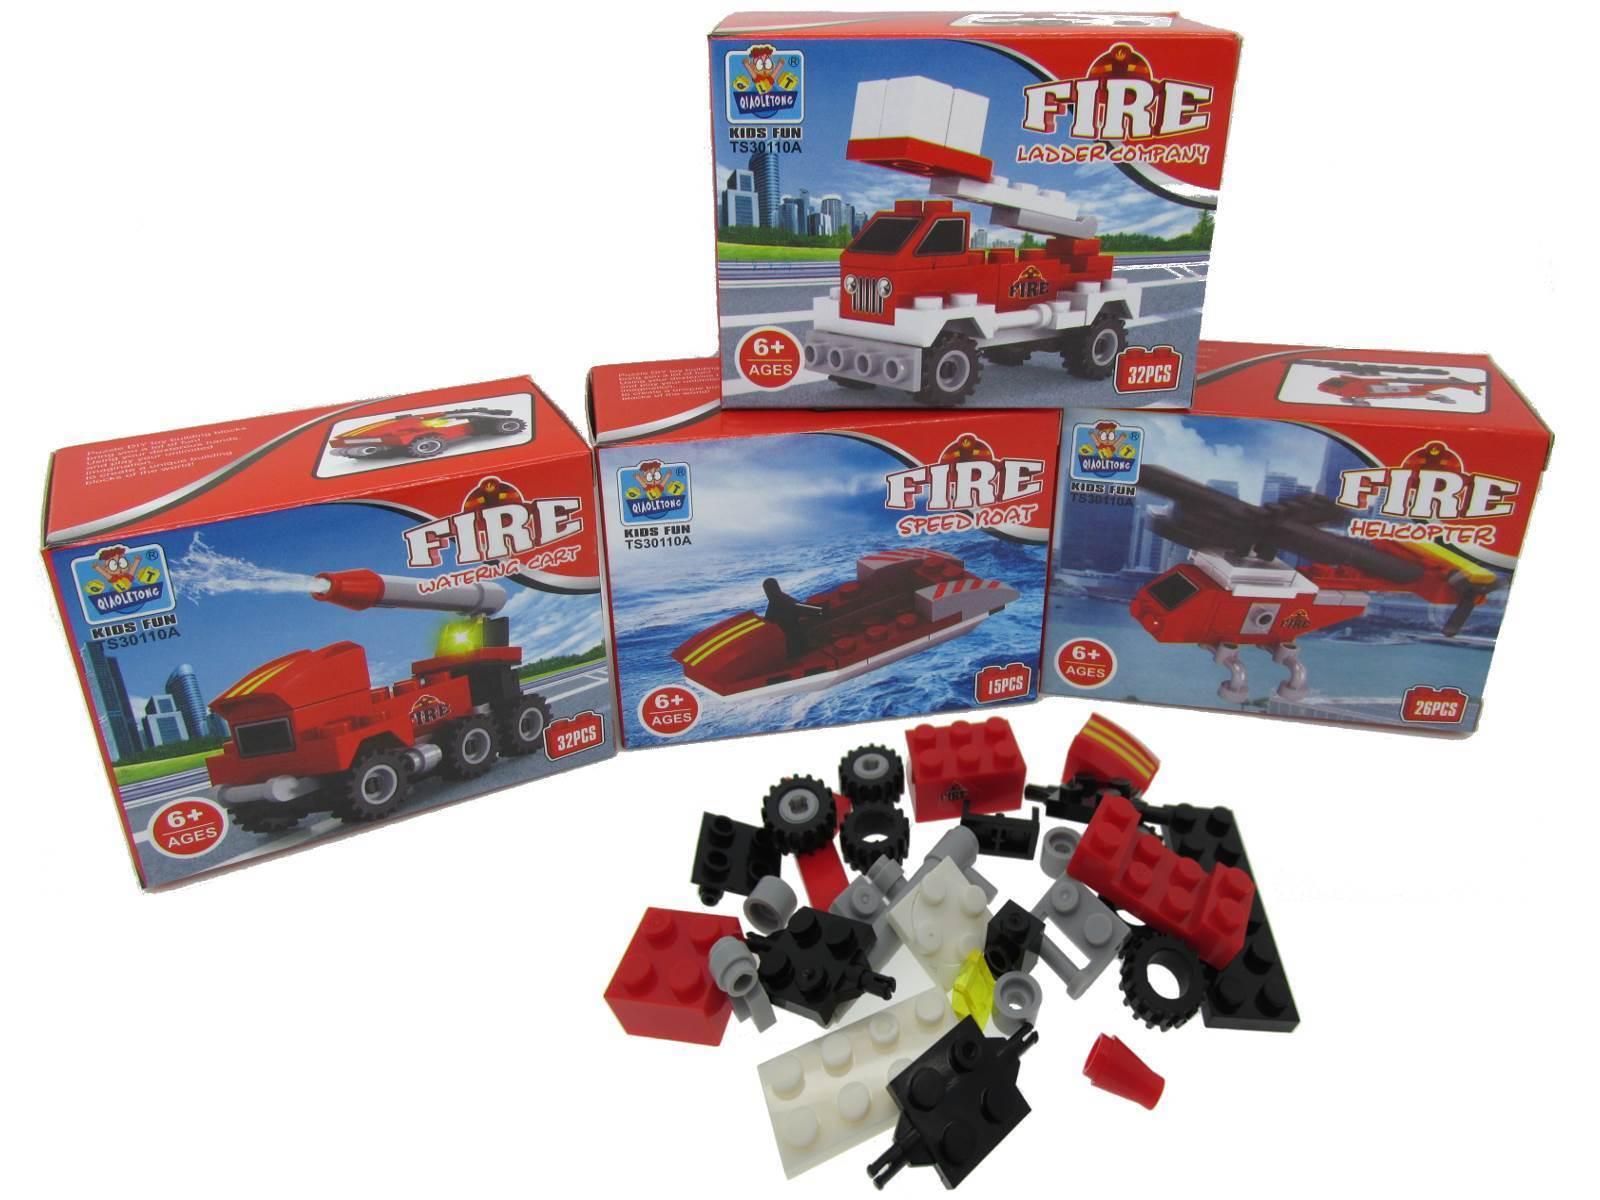 Bausteine Set Feuerwehr Feuerwehr Feuerwehr Auto Fahrzeuge Set Spielsteine Mitgebsel Spielzeug ca16f7